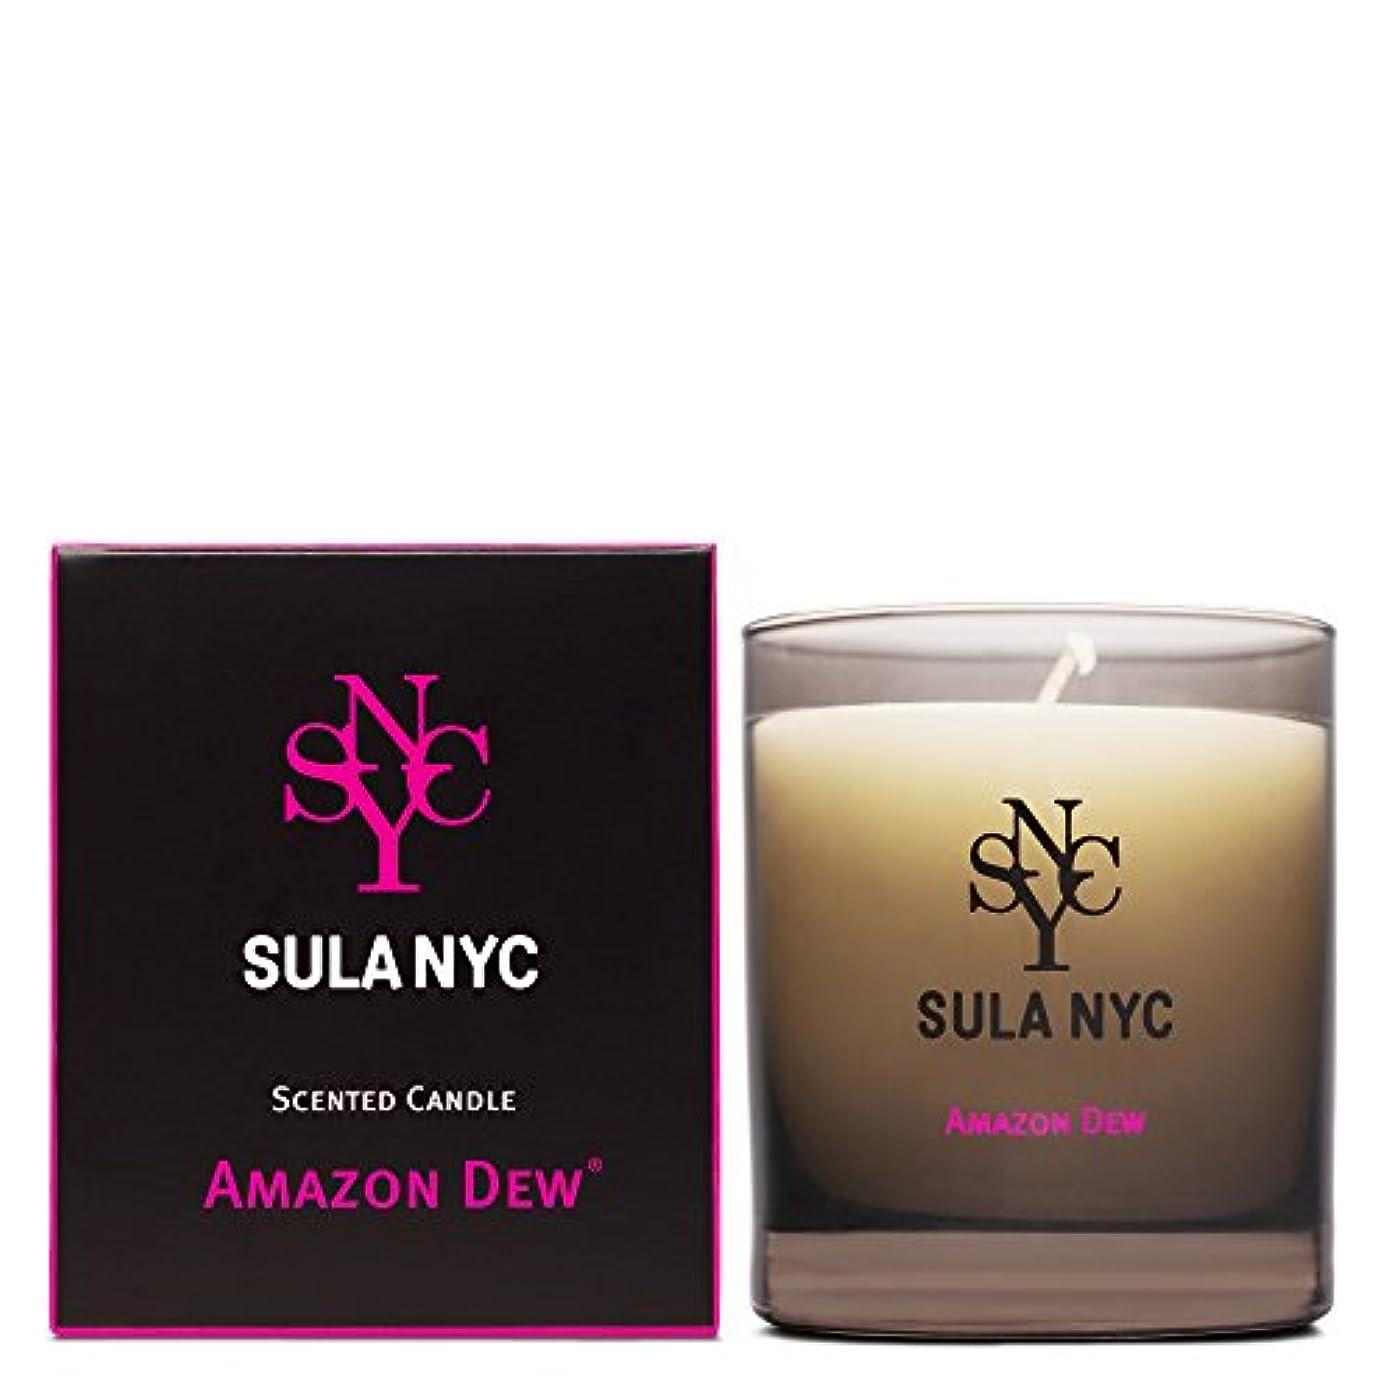 寛大さなぜ郡SULA NYC SCENTED CANDLE AMAZON DEW スーラNYCセンティッドキャンドル アマゾン?デュー